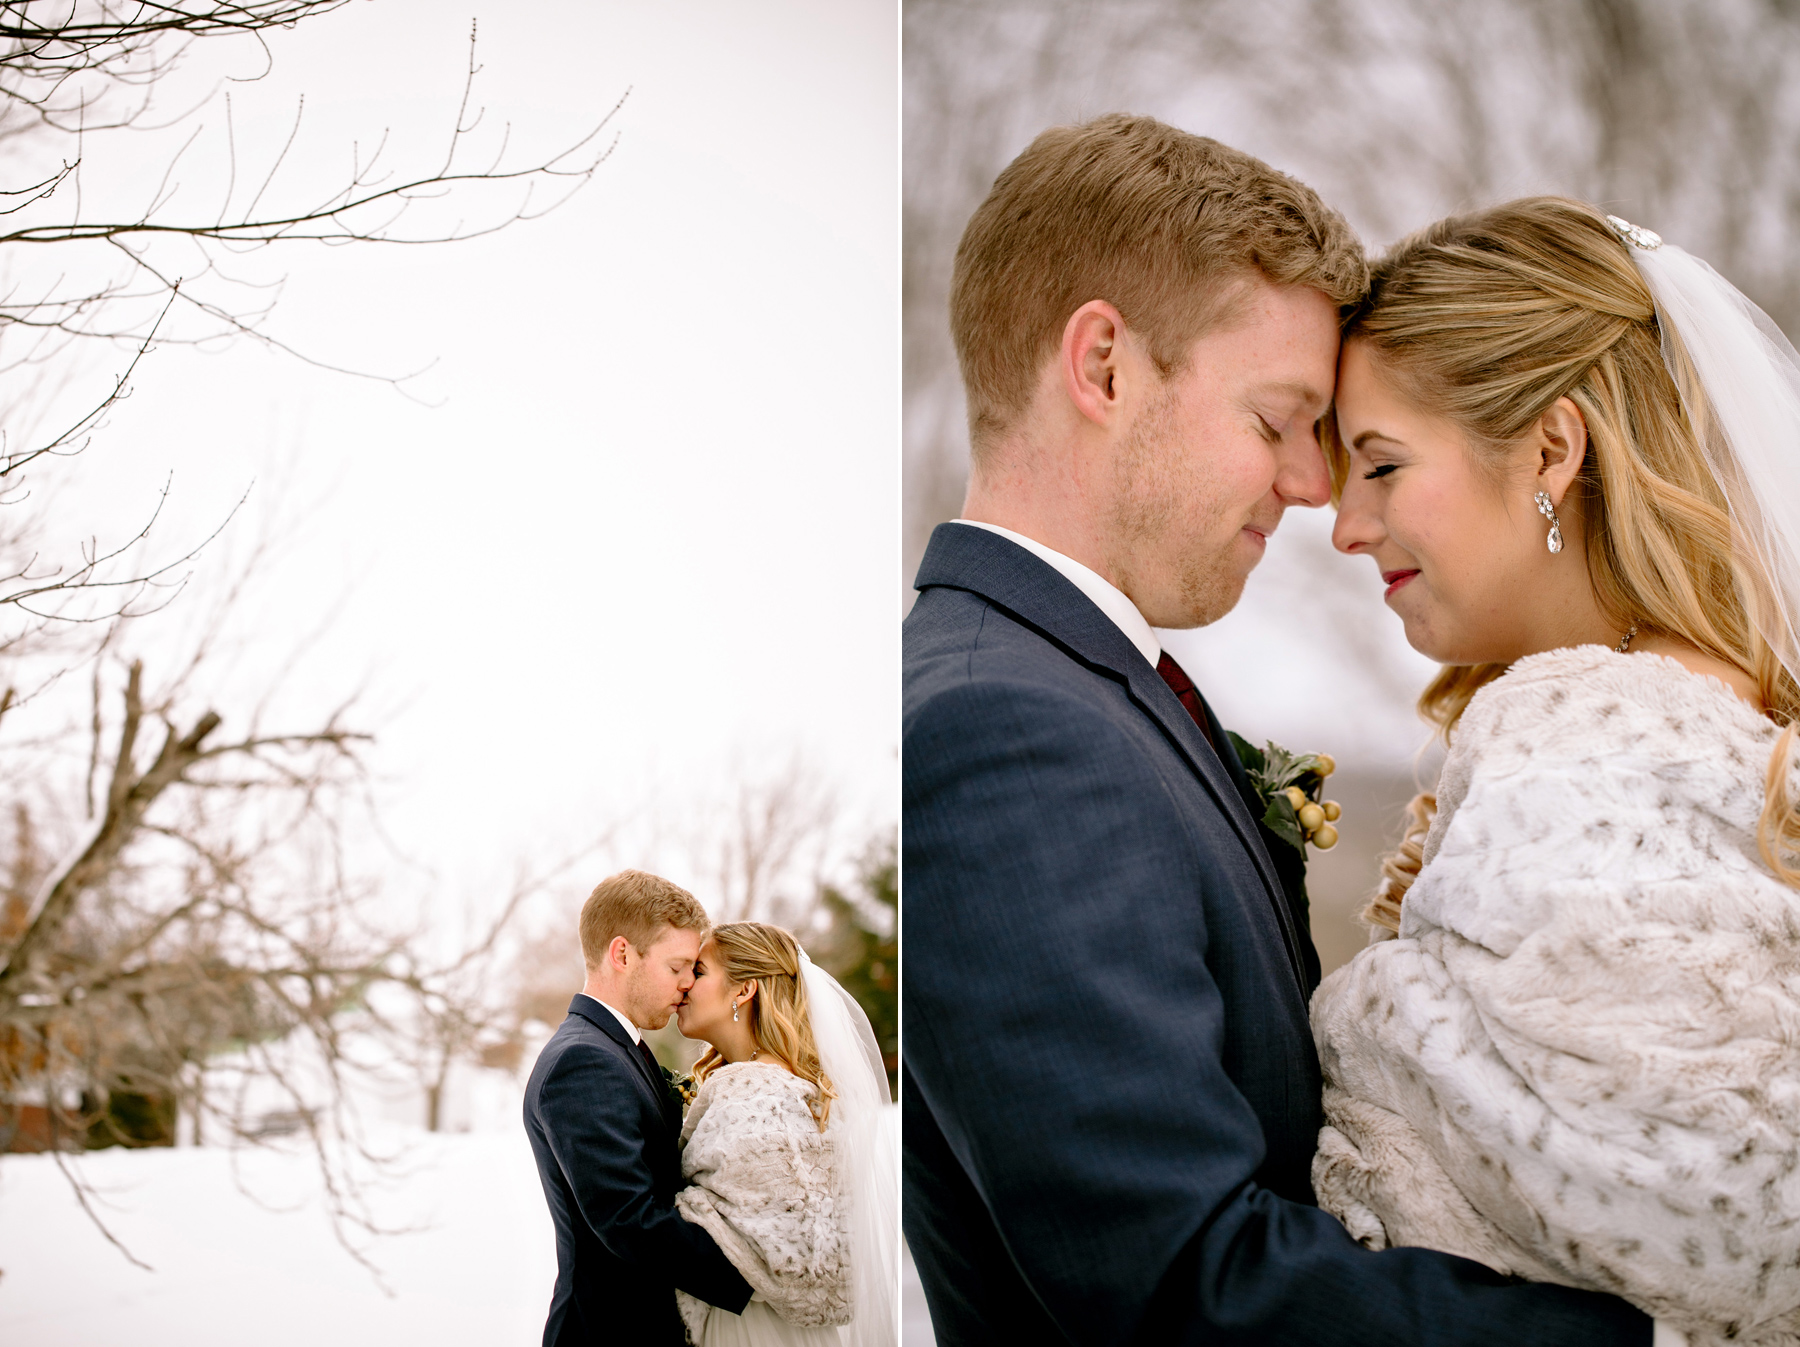 018-newbrunswick-wedding-photographer-kandise-brown